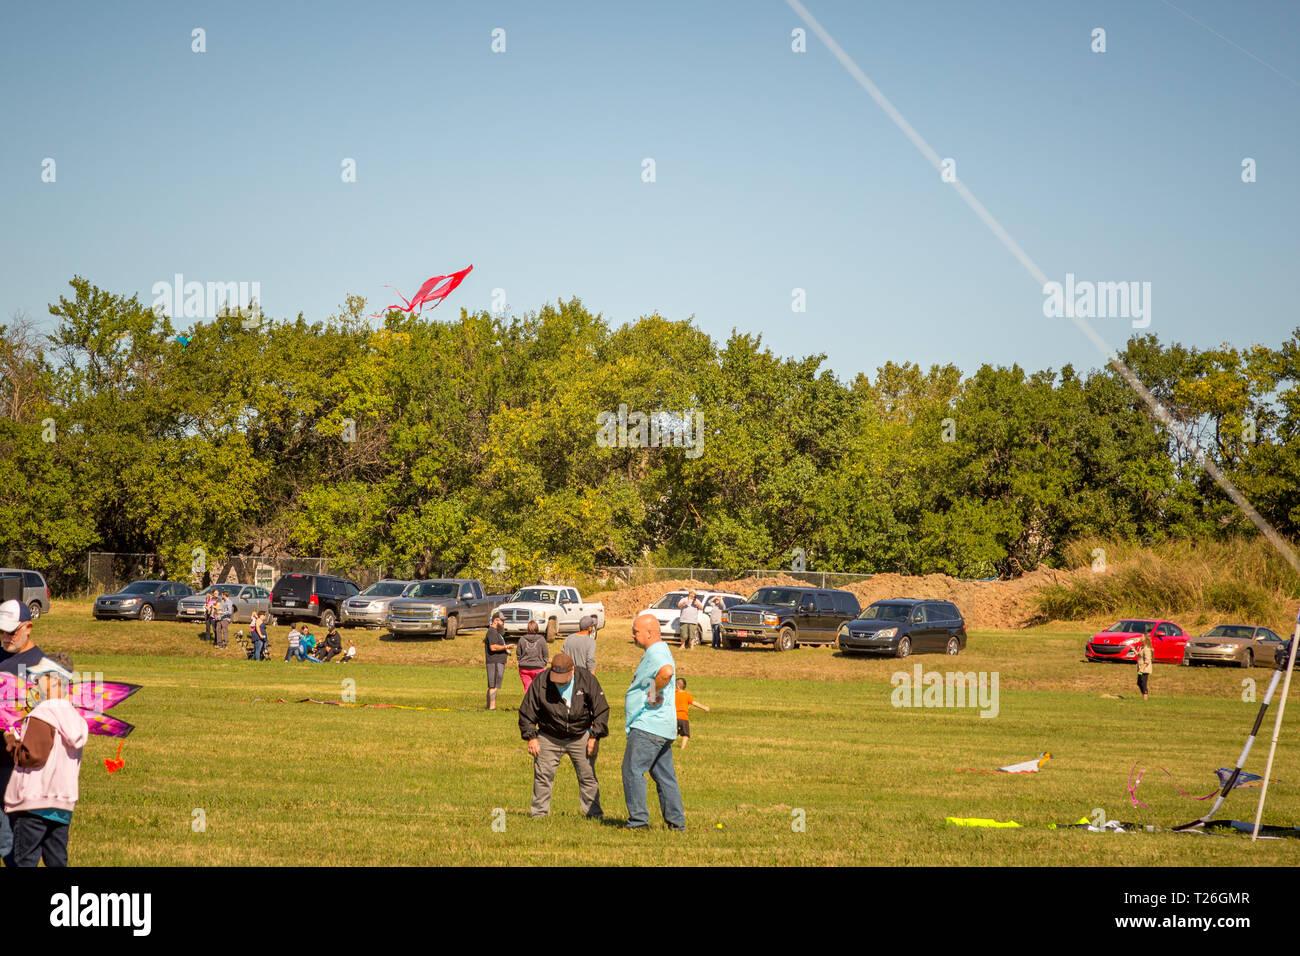 Kechi Kite Festival - 2018 - Stock Image